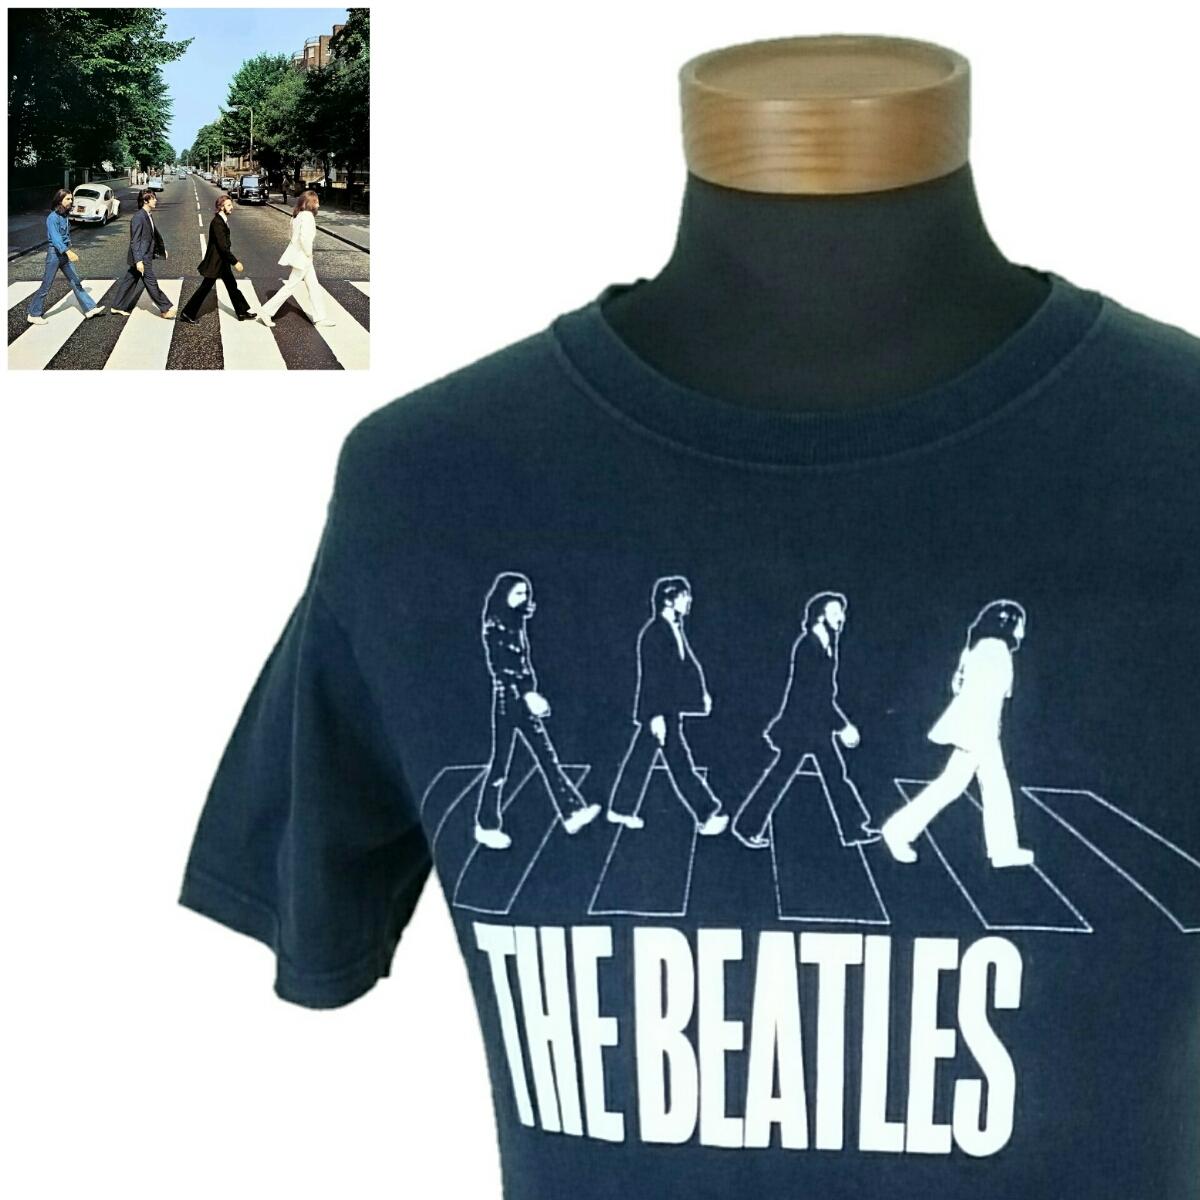 古着屋購入 90s 90年代 USA製 アメリカ製 S【THE BEATLES/ビートルズ】MENS/メンズ 男性用 半袖 Tシャツ ブラック アビーロード バンドT